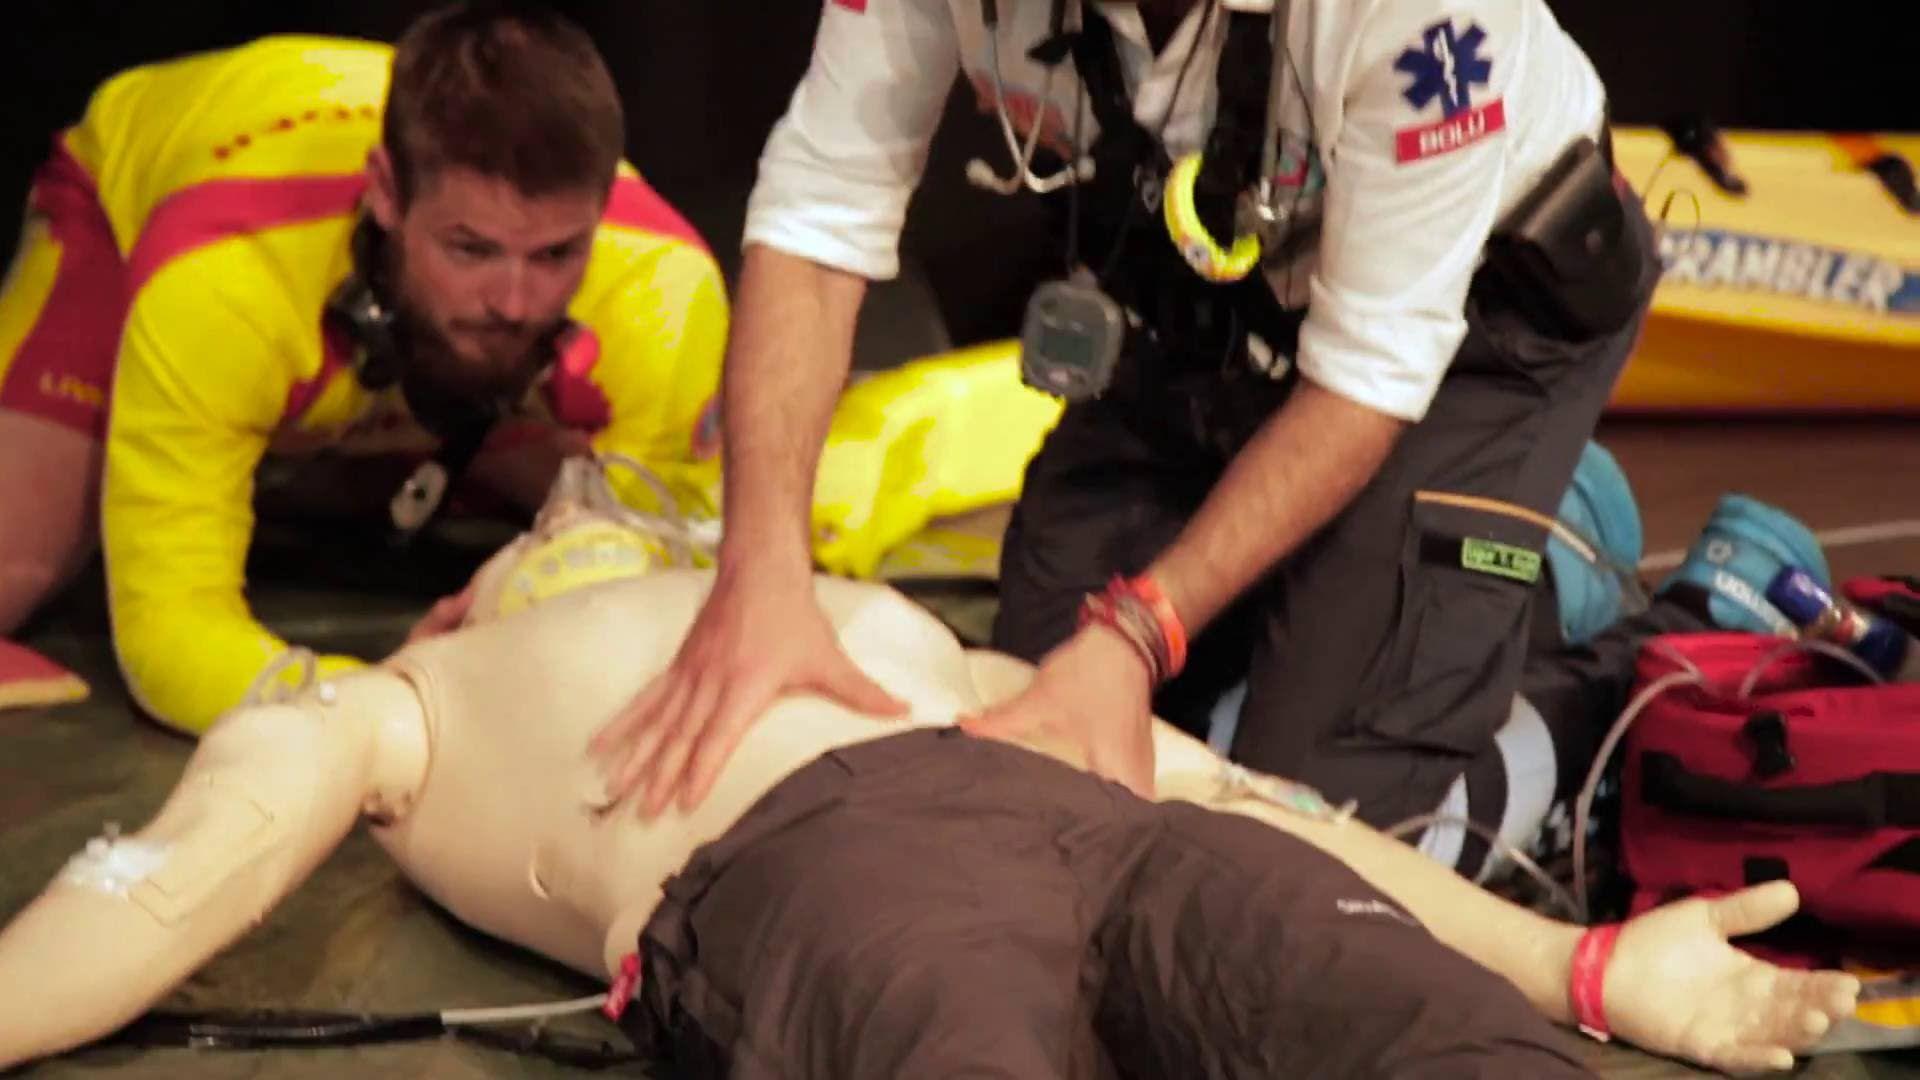 EMS2016 Ldn_Ambulance team triumphs at European EMS